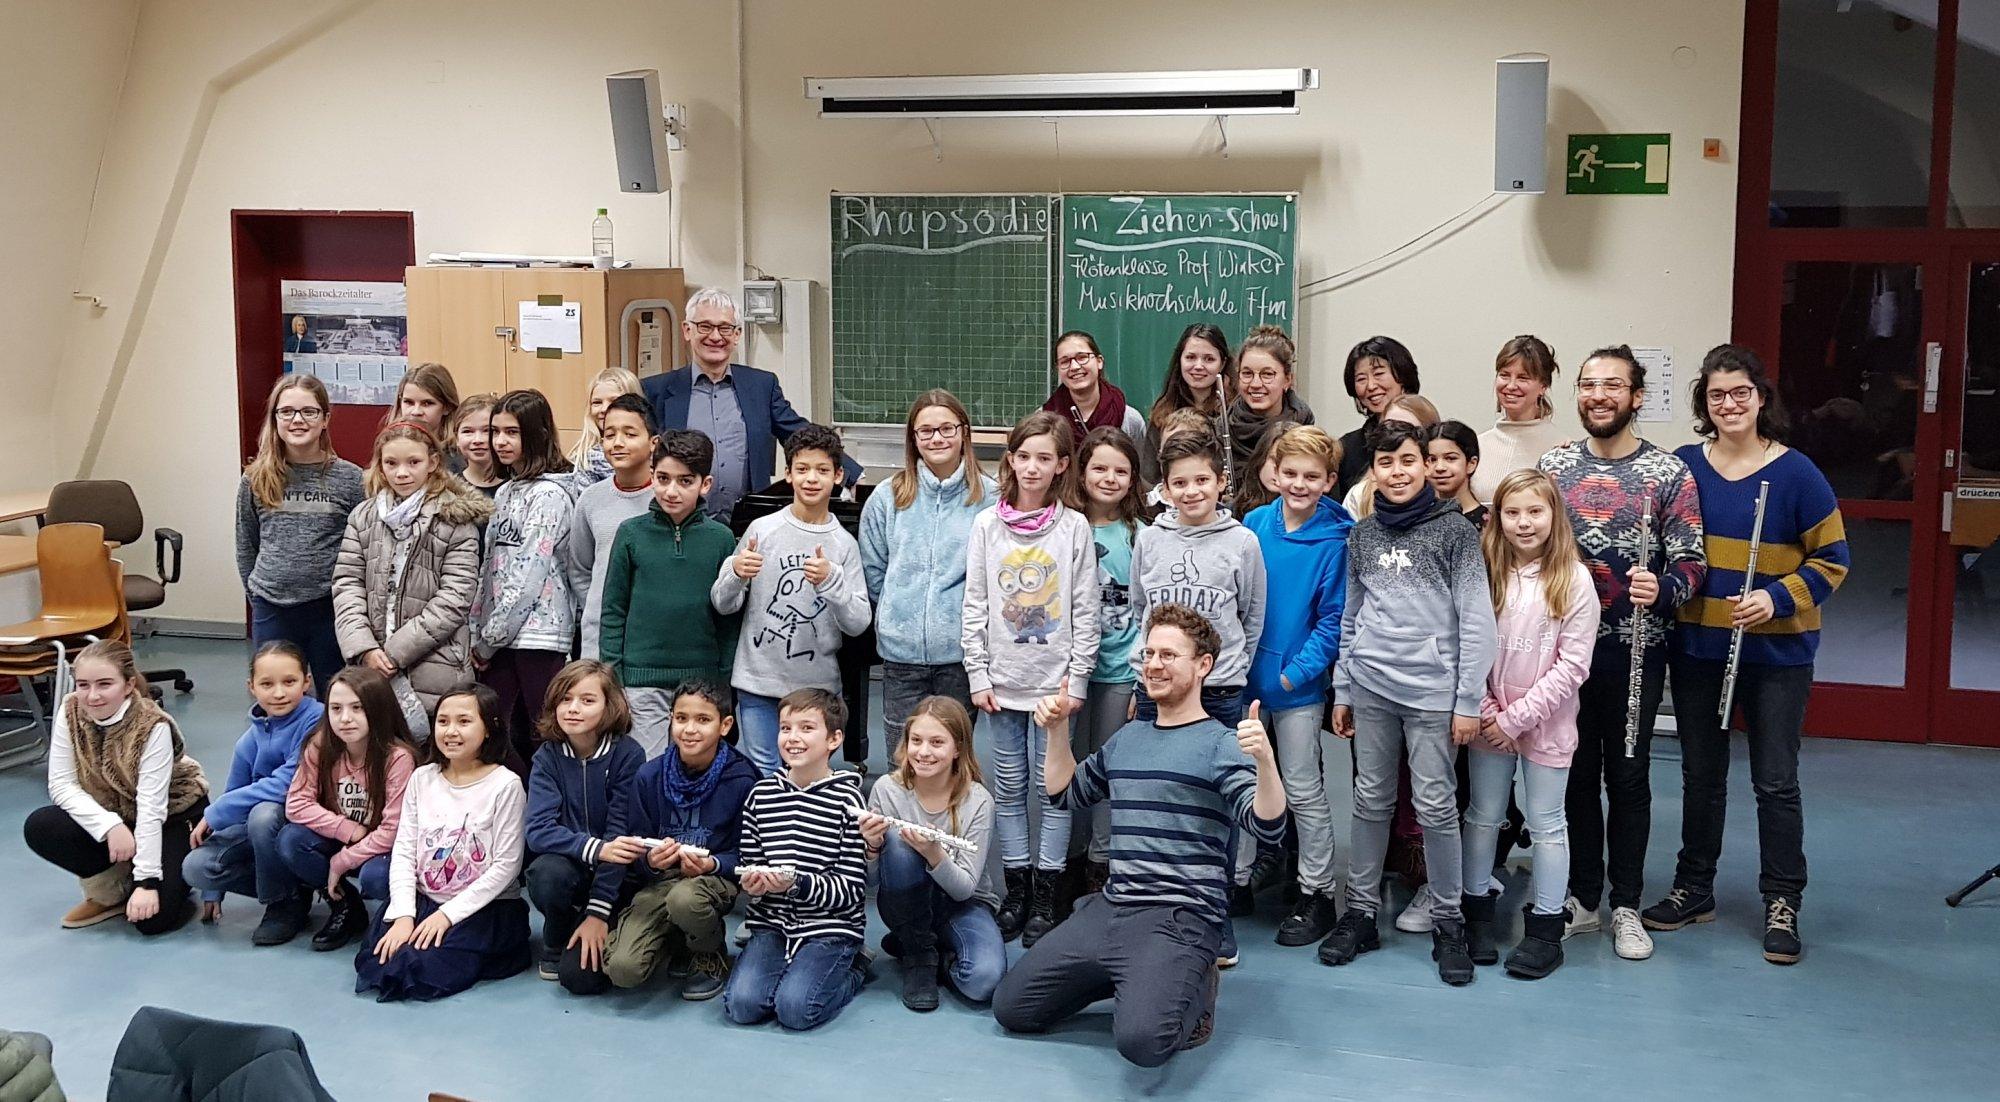 Start Ziehenschule Gymnasium Der Stadt Frankfurt Am Main